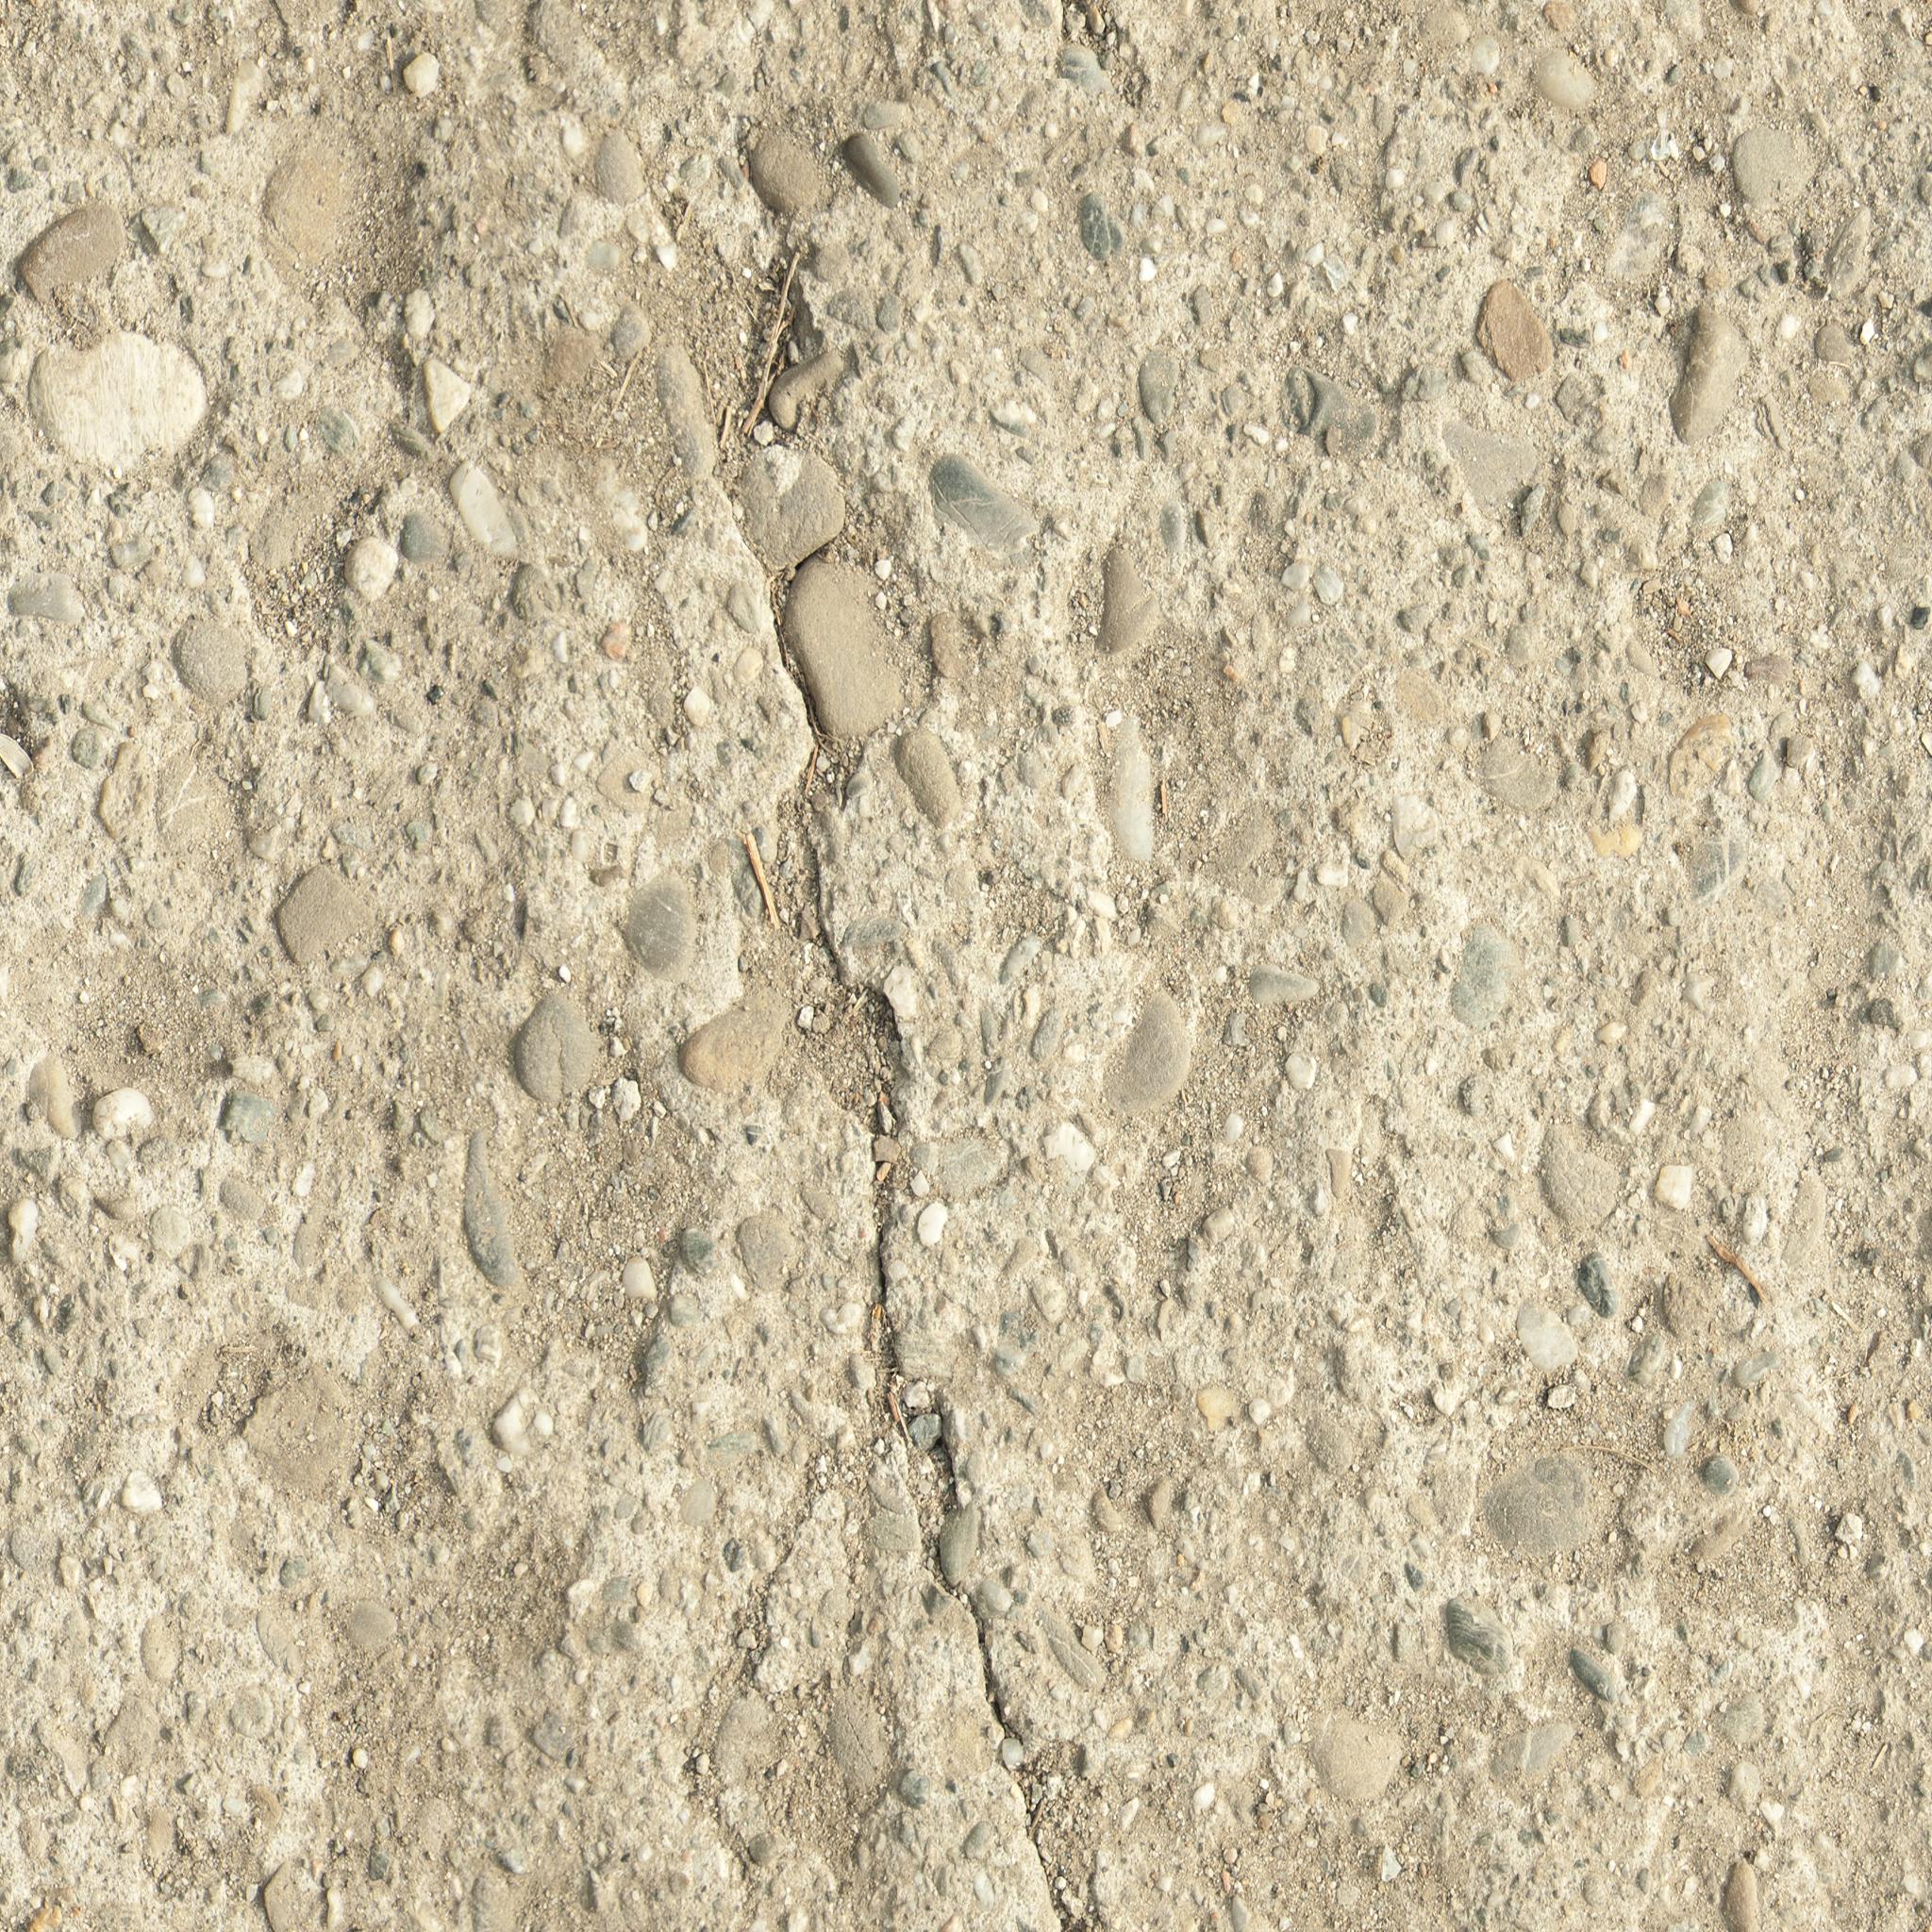 Coarse Cracked Concreteb.jpg